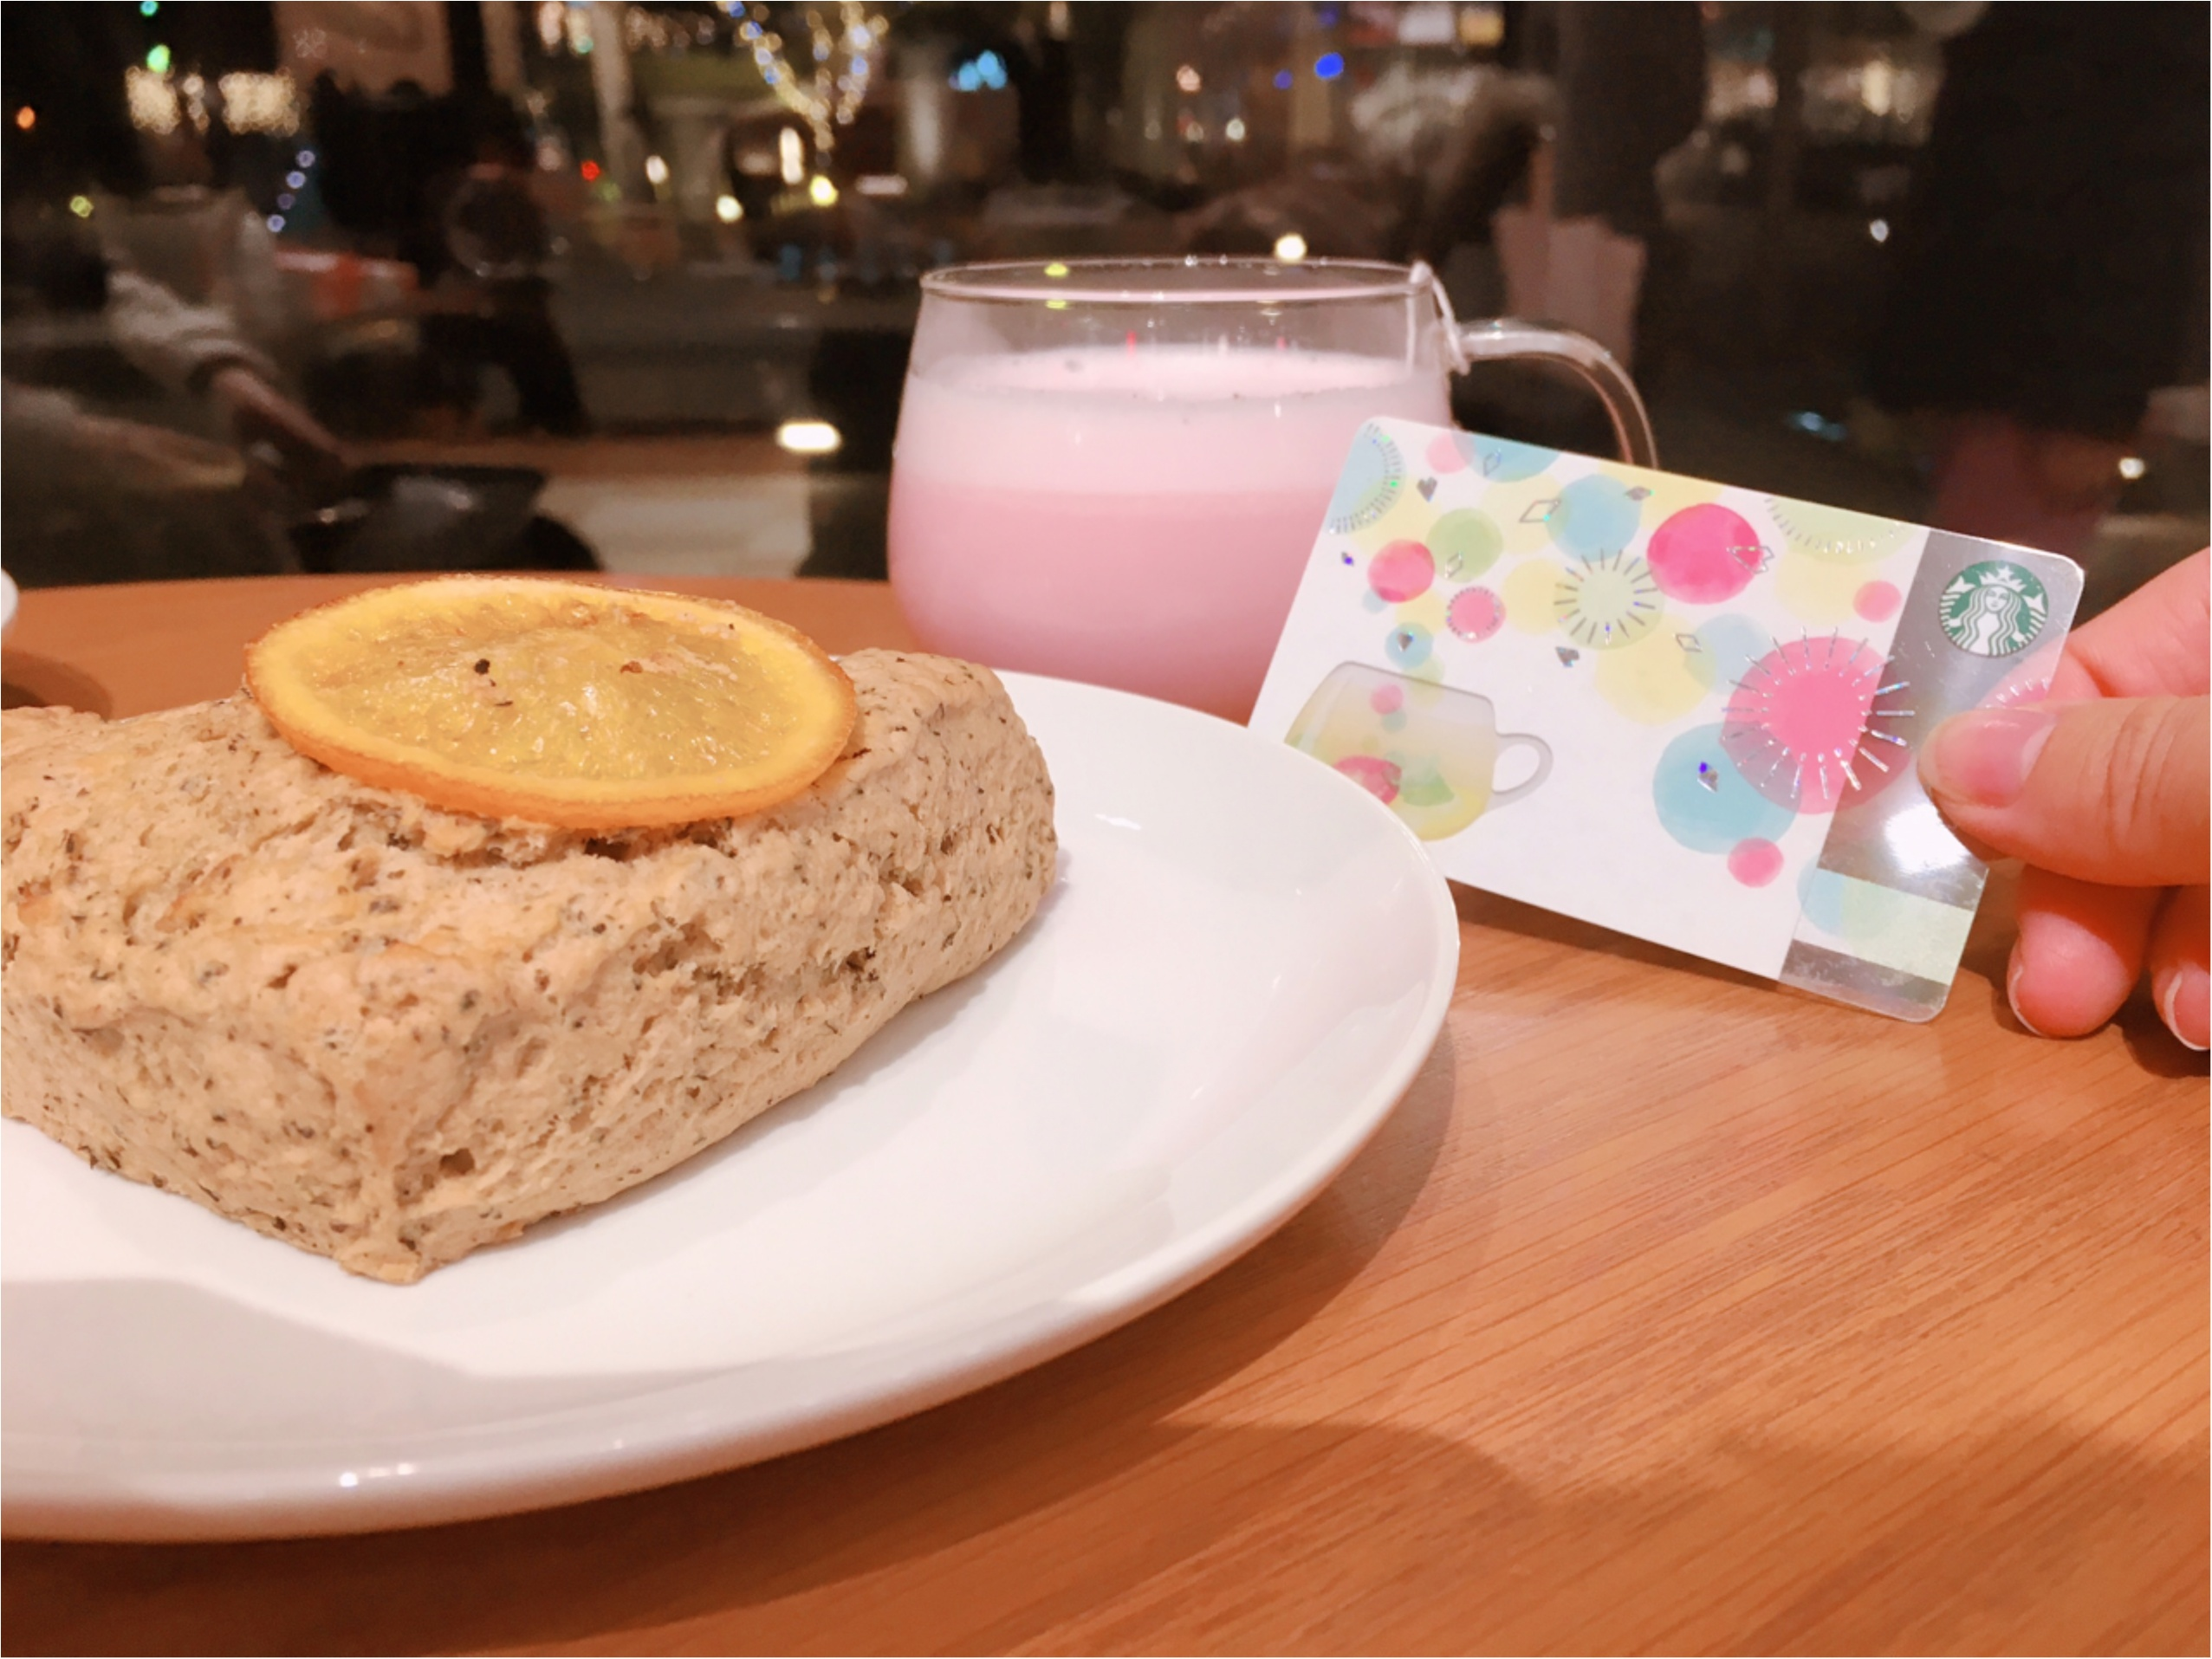 【スタバ】TEAVANA新作『ピンクメドレーティーラテ』はちょっぴりさわやかな◯◯!?_3